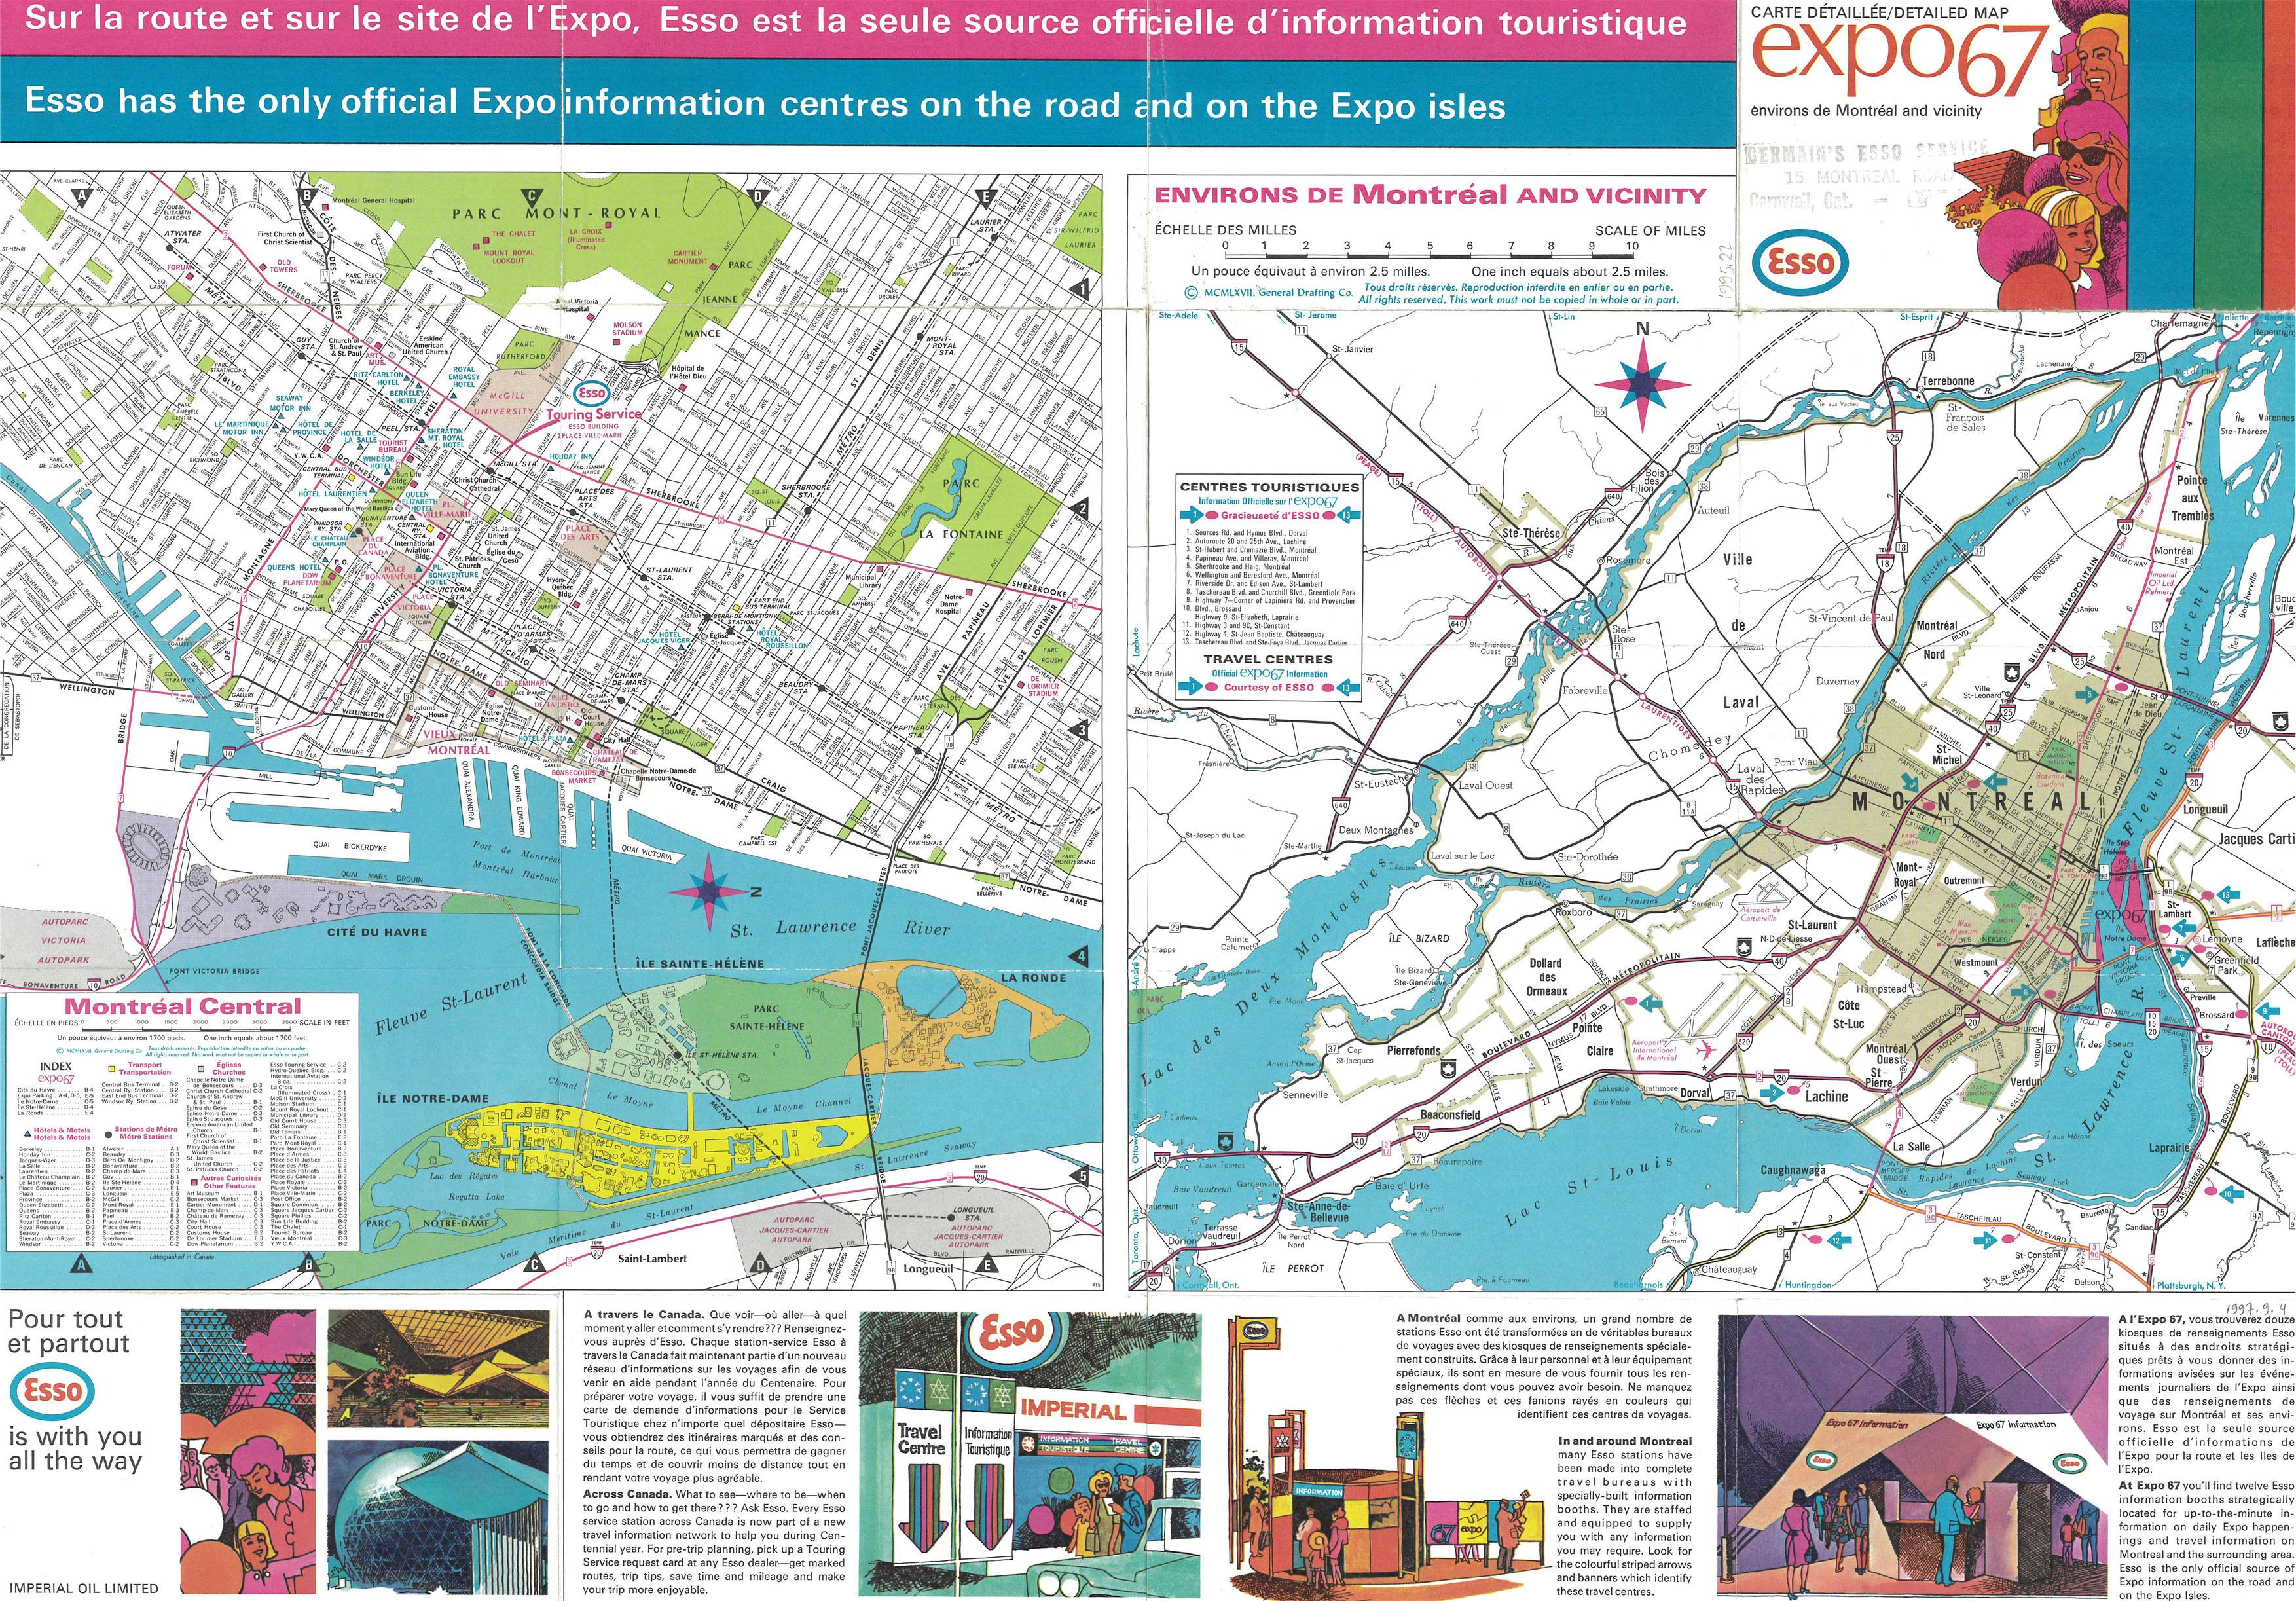 Carte détaillée Expo 67 et environs de Montréal produite par Esso